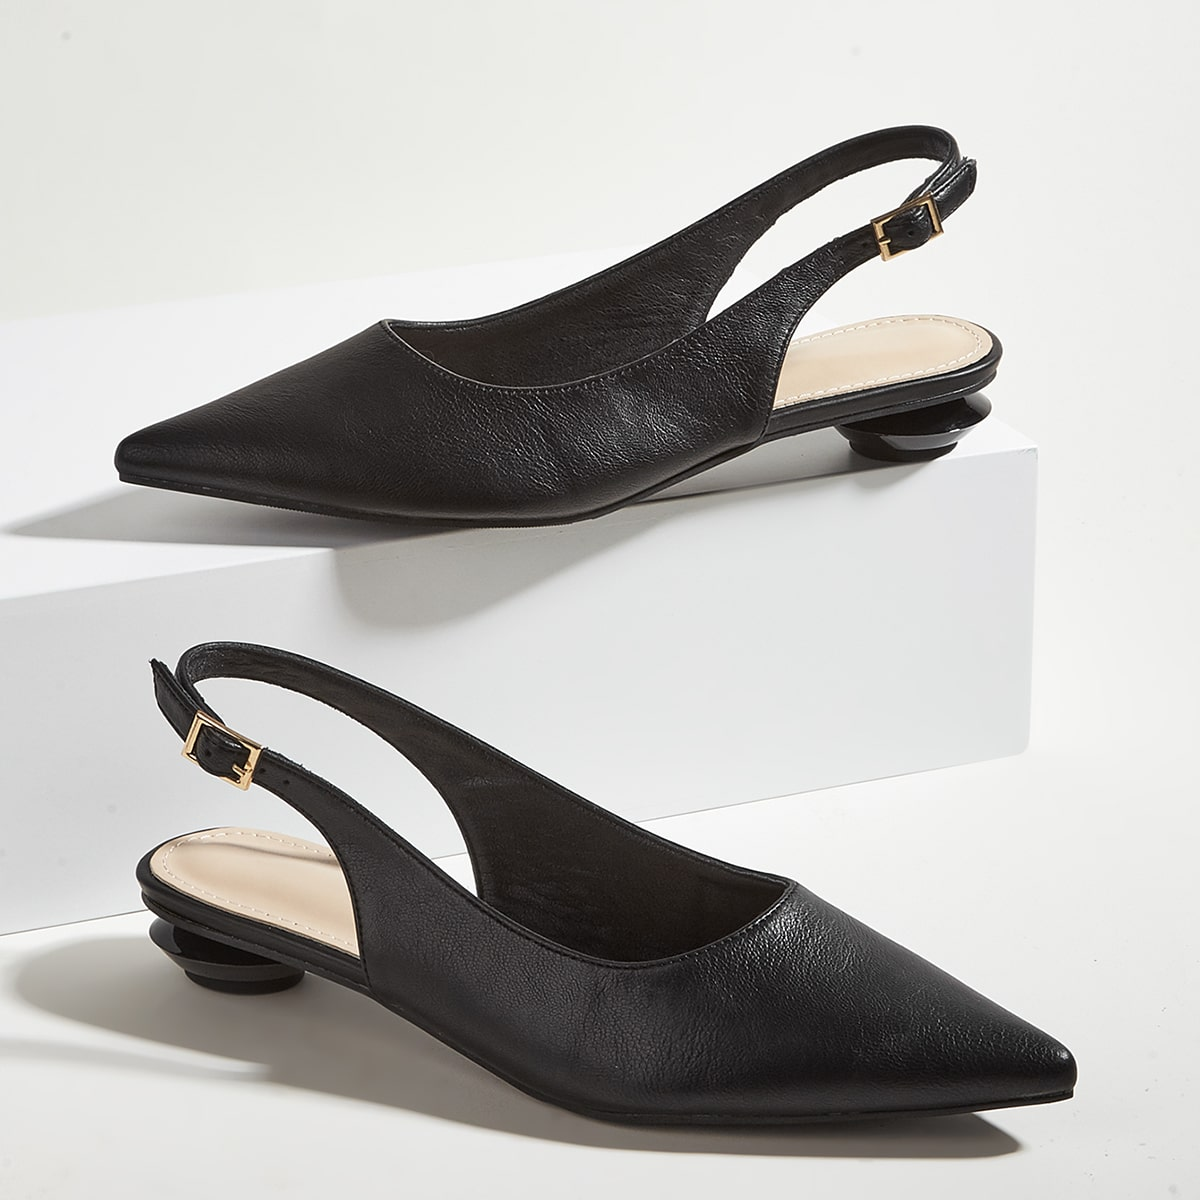 Обувь минималистичный Остроконечные с открытой пяткой